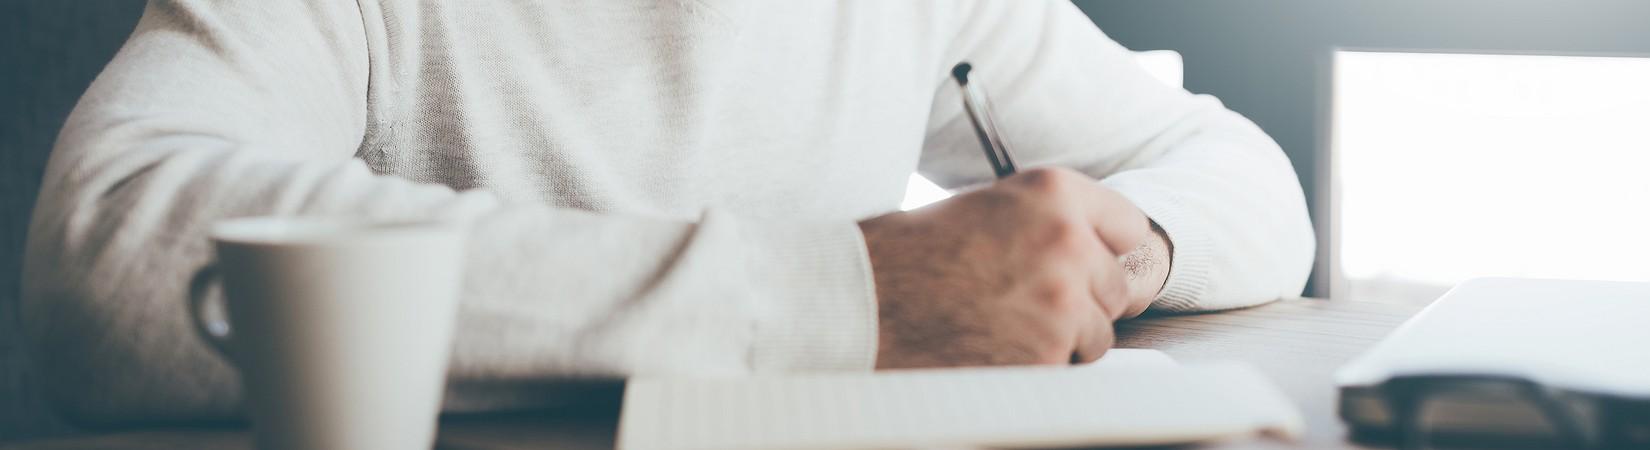 Los 5 hábitos más subestimados de las personas de éxito